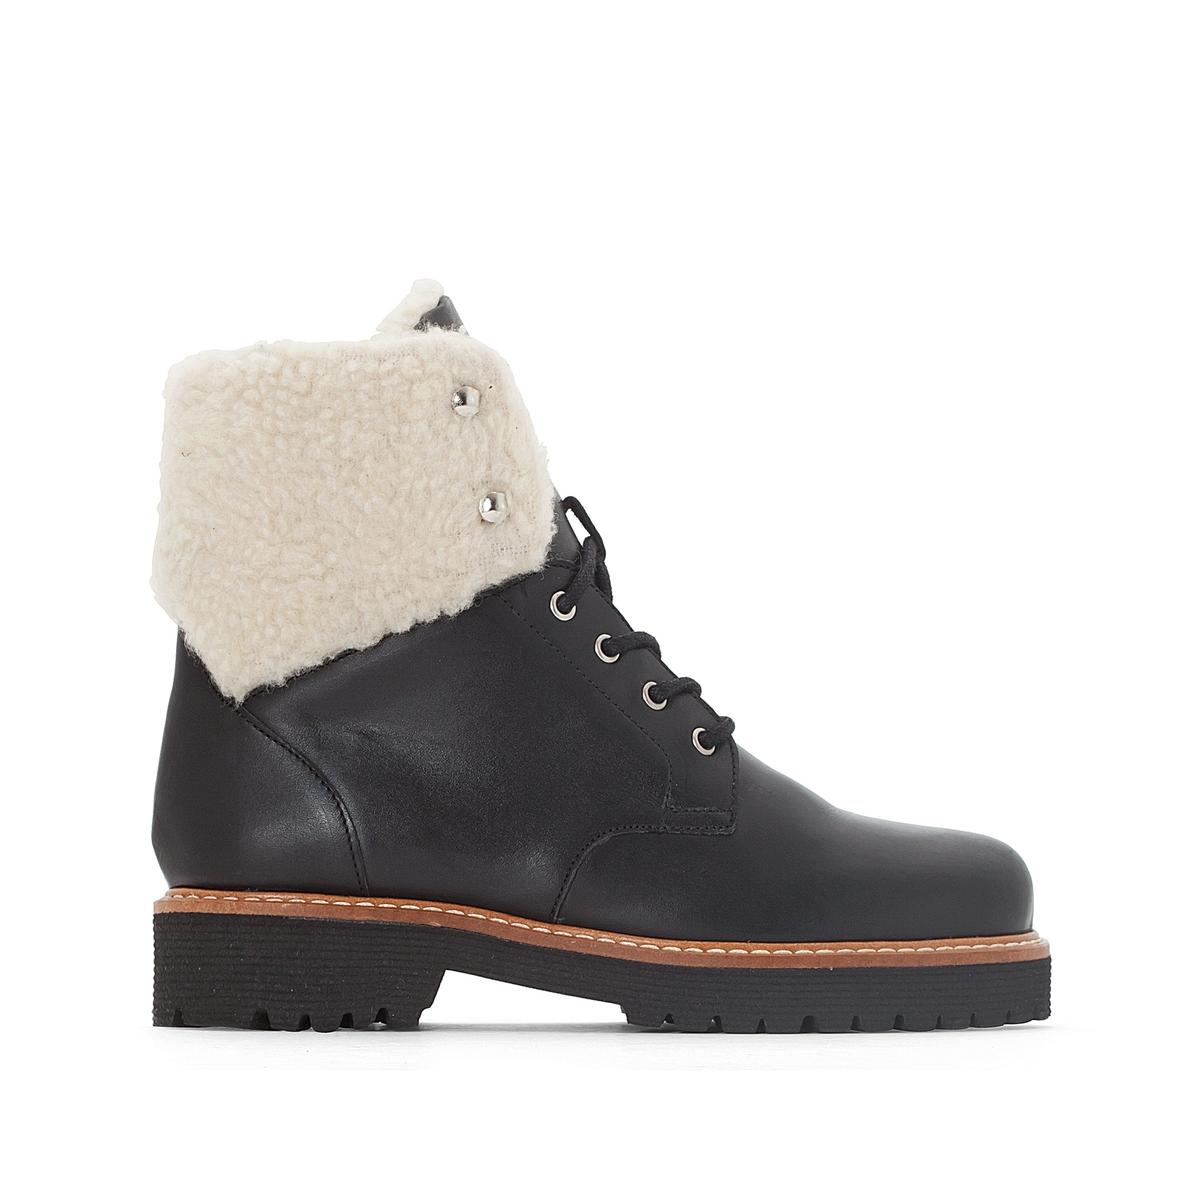 Ботинки кожаные в горном стиле